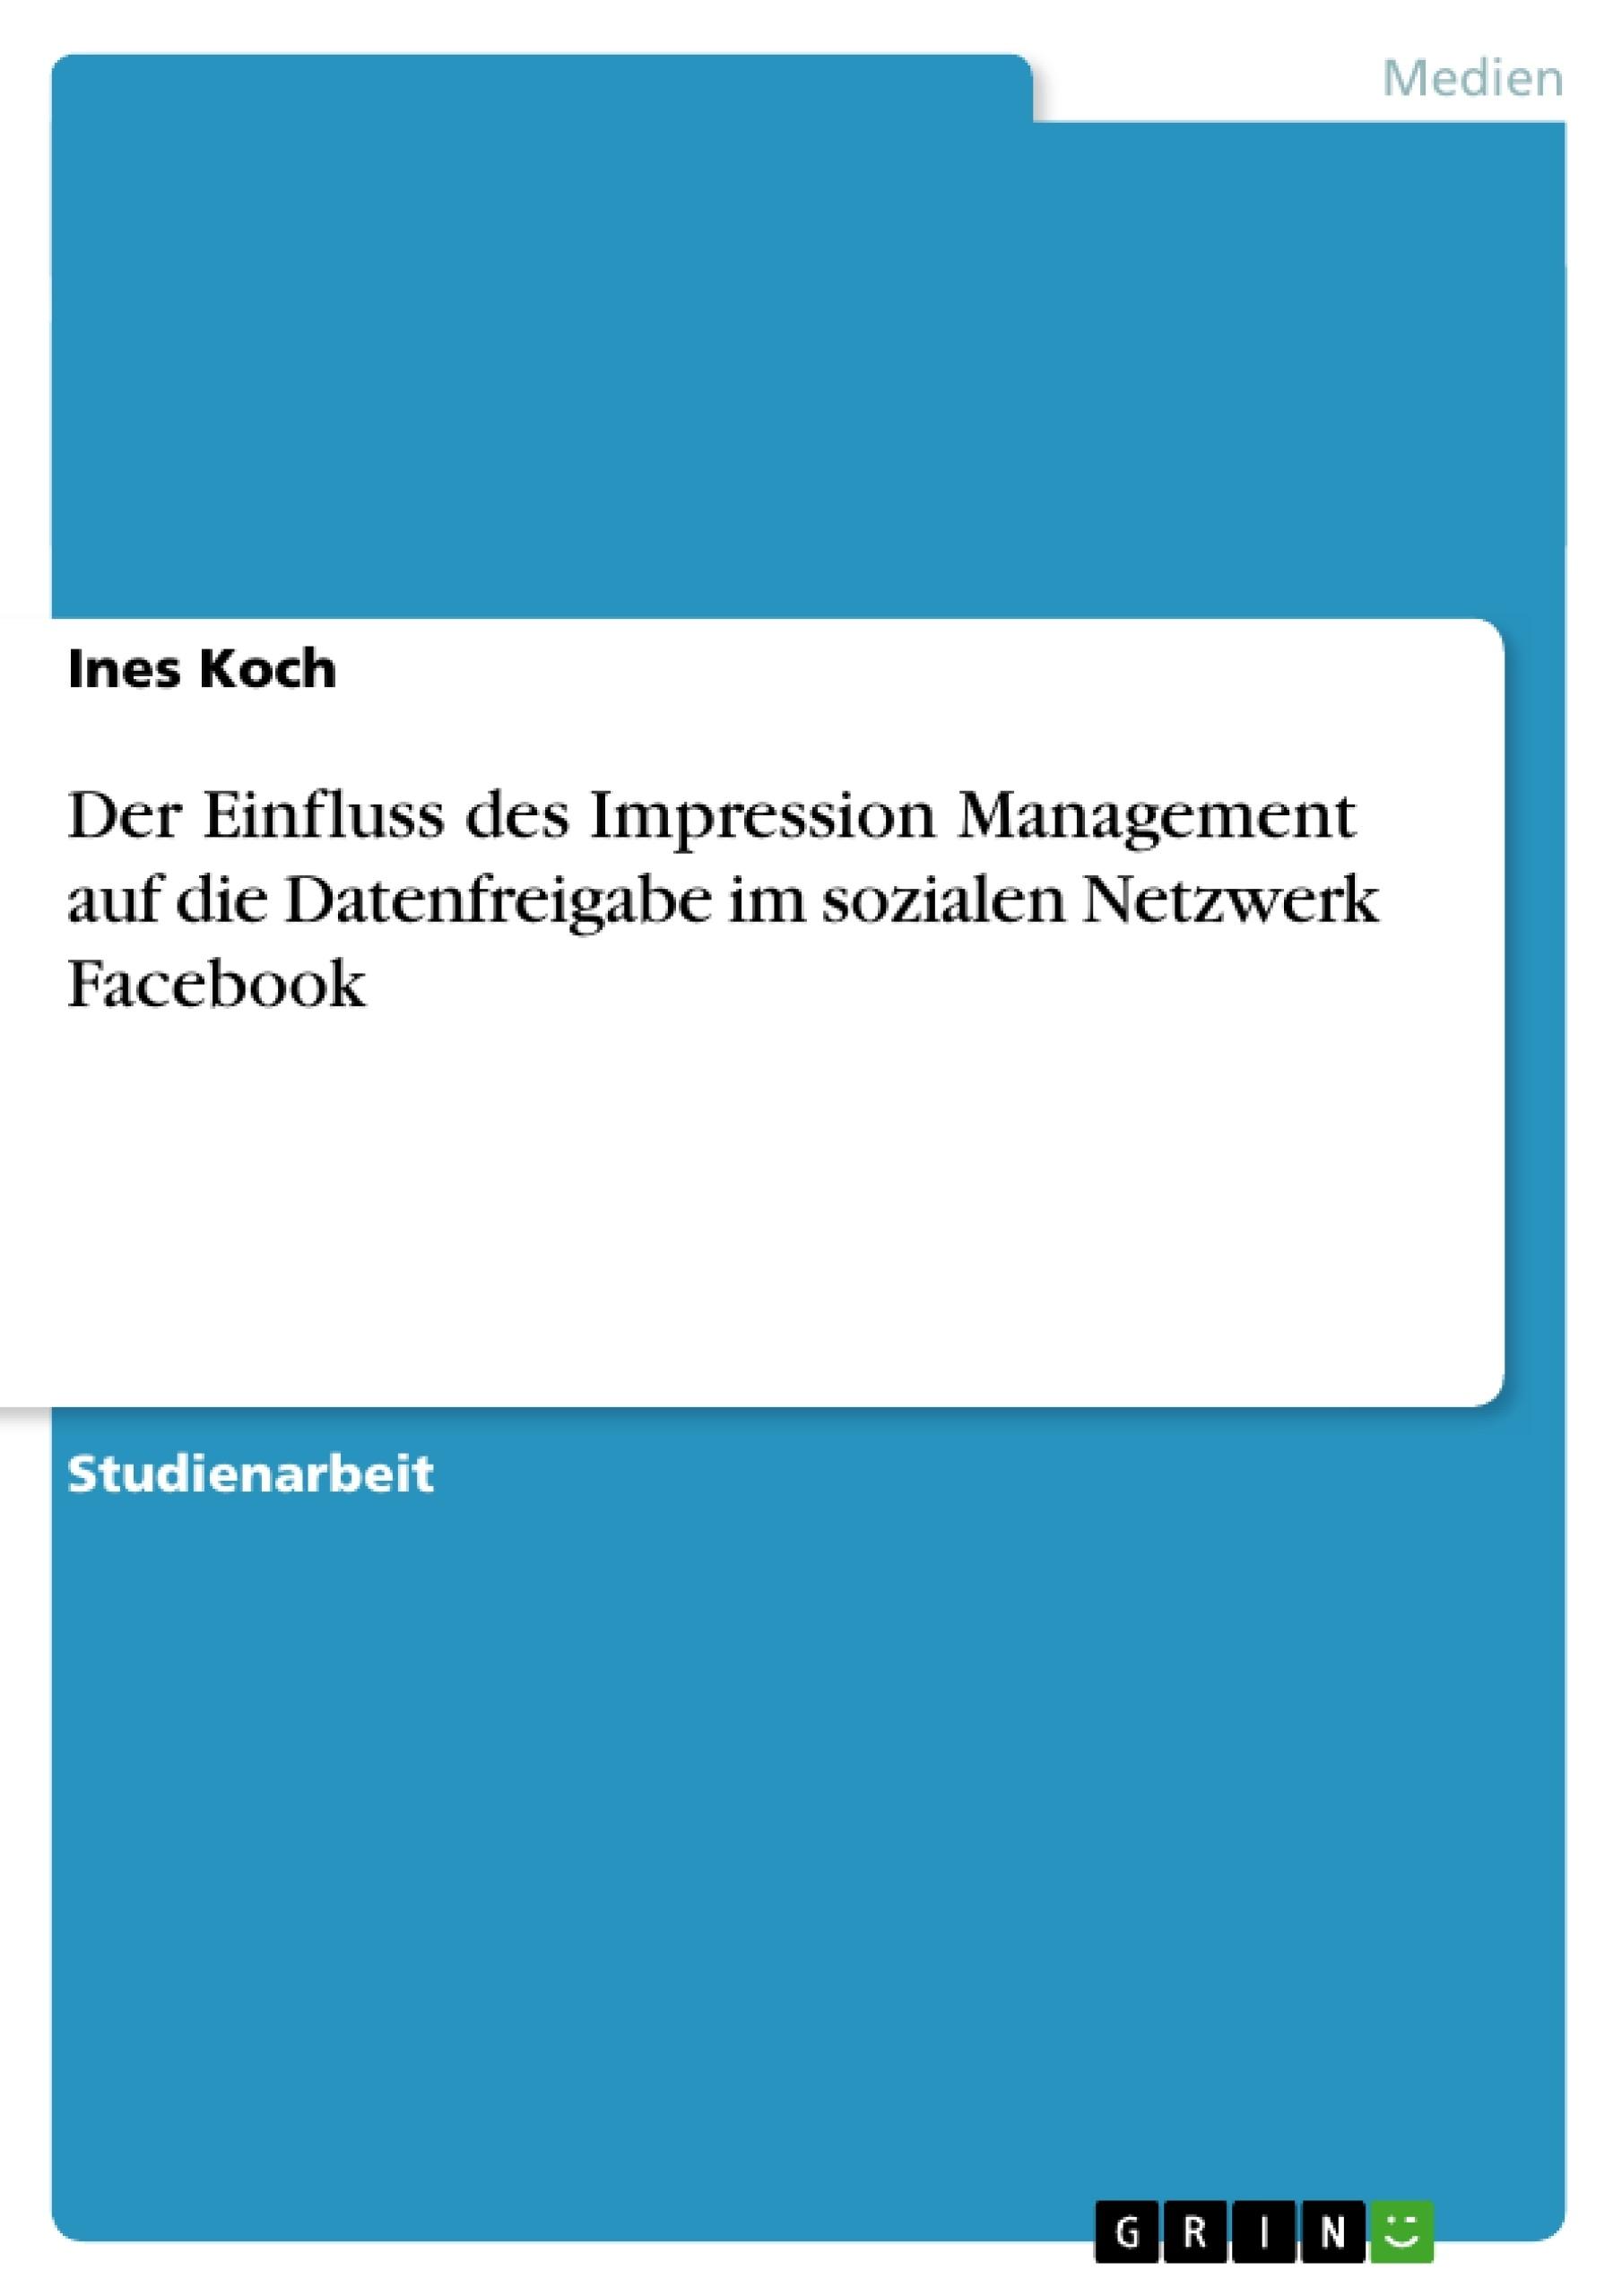 Titel: Der Einfluss des Impression Management auf die Datenfreigabe im sozialen Netzwerk Facebook